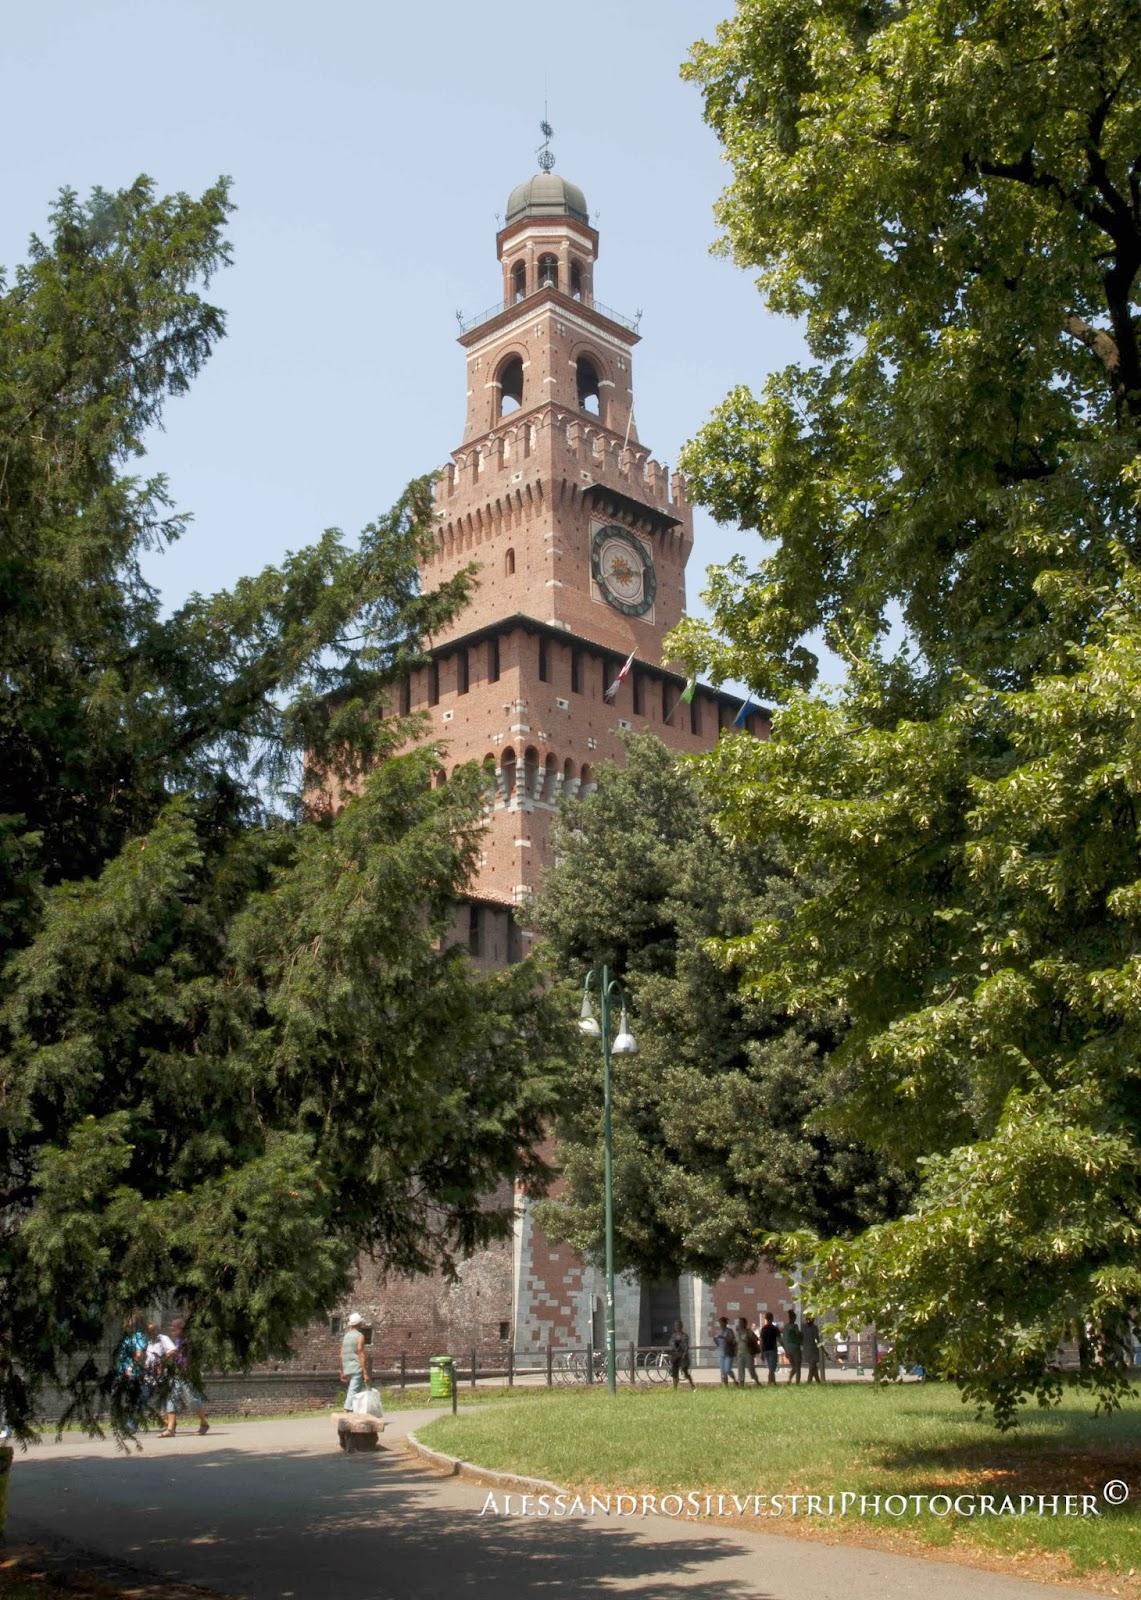 Visite guidate gratuite a Milano nel weekend: Giornata Internazionale della Guida Turistica